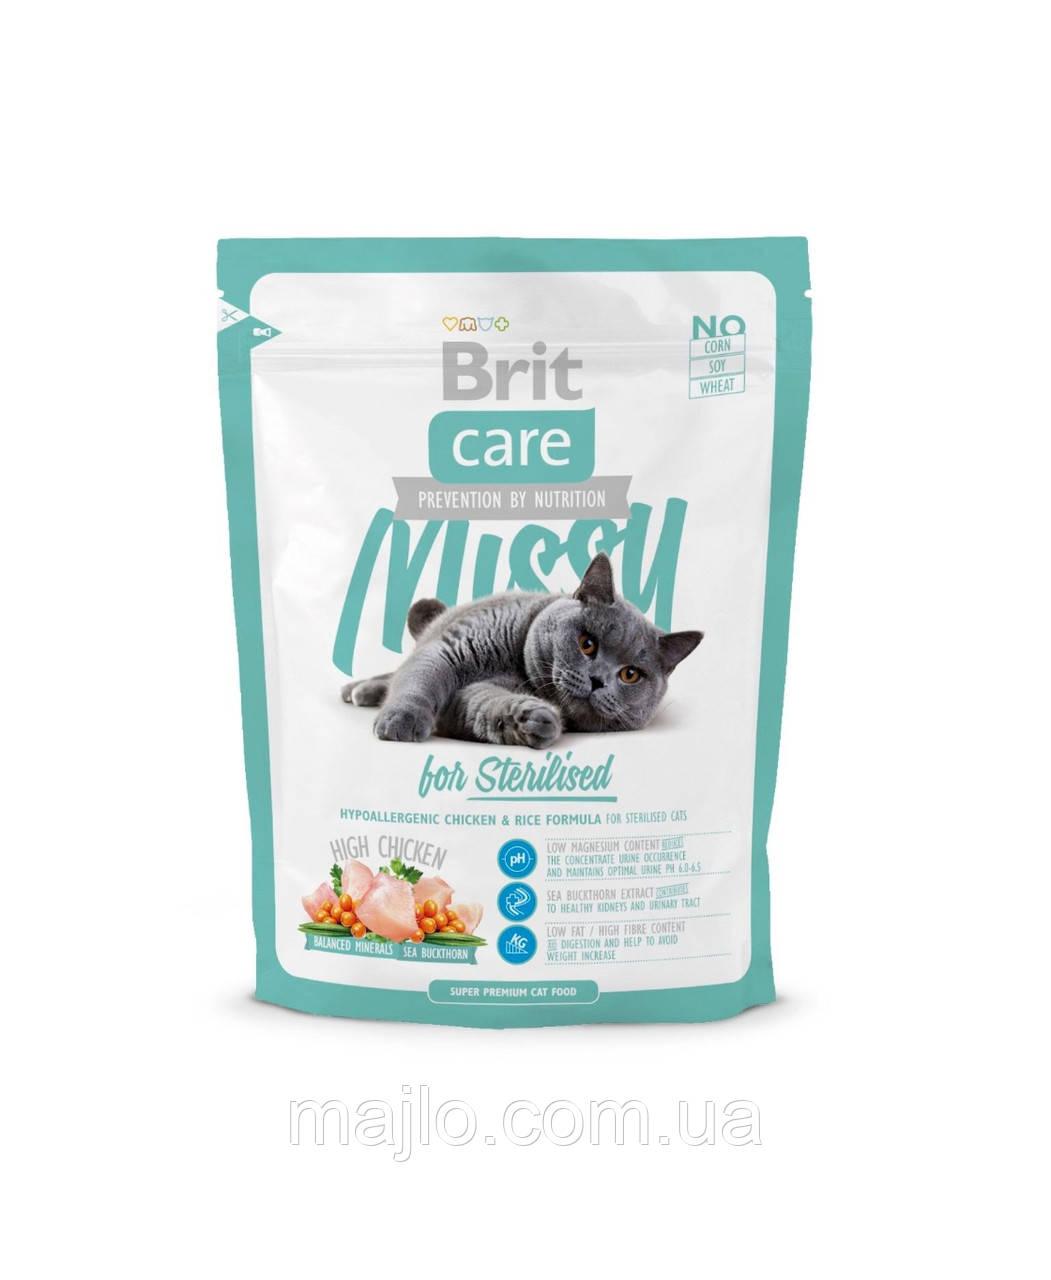 Сухой корм Brit Care Cat Missy Sterilised Брит Кеа для стерилизованных котов и кошек, 400 г, 132626